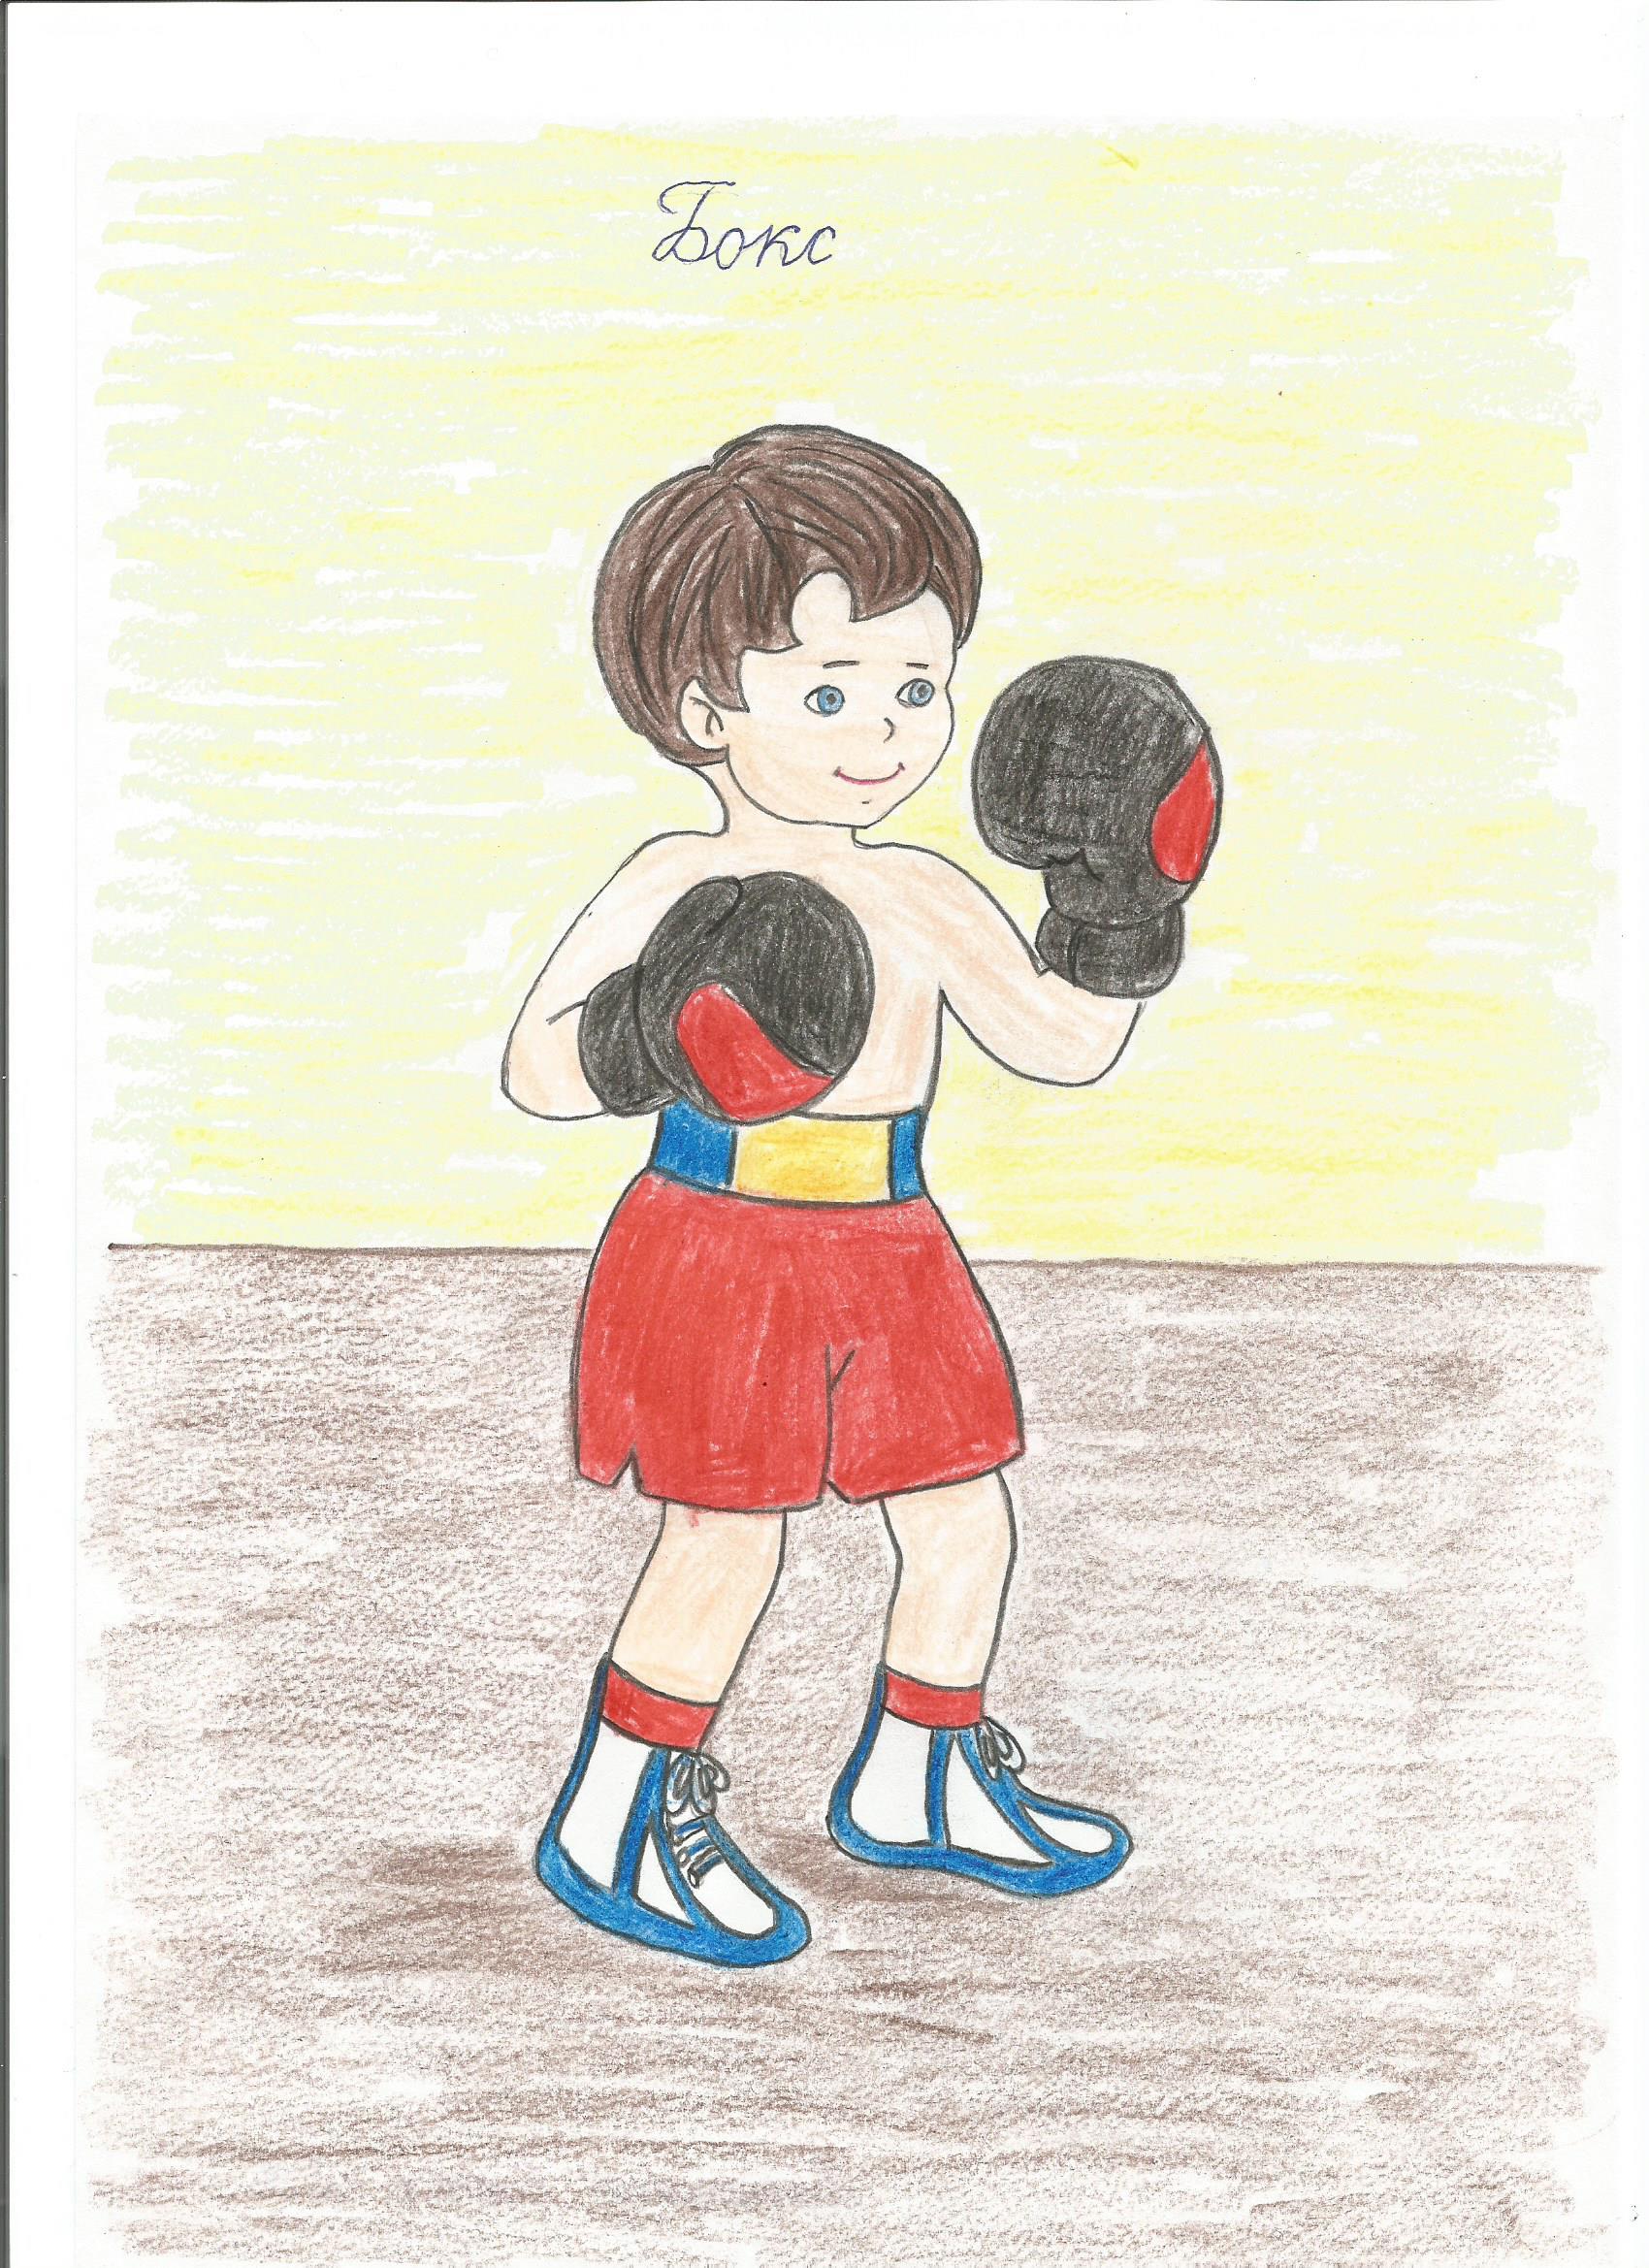 рисунок папа мама я спортивная семья